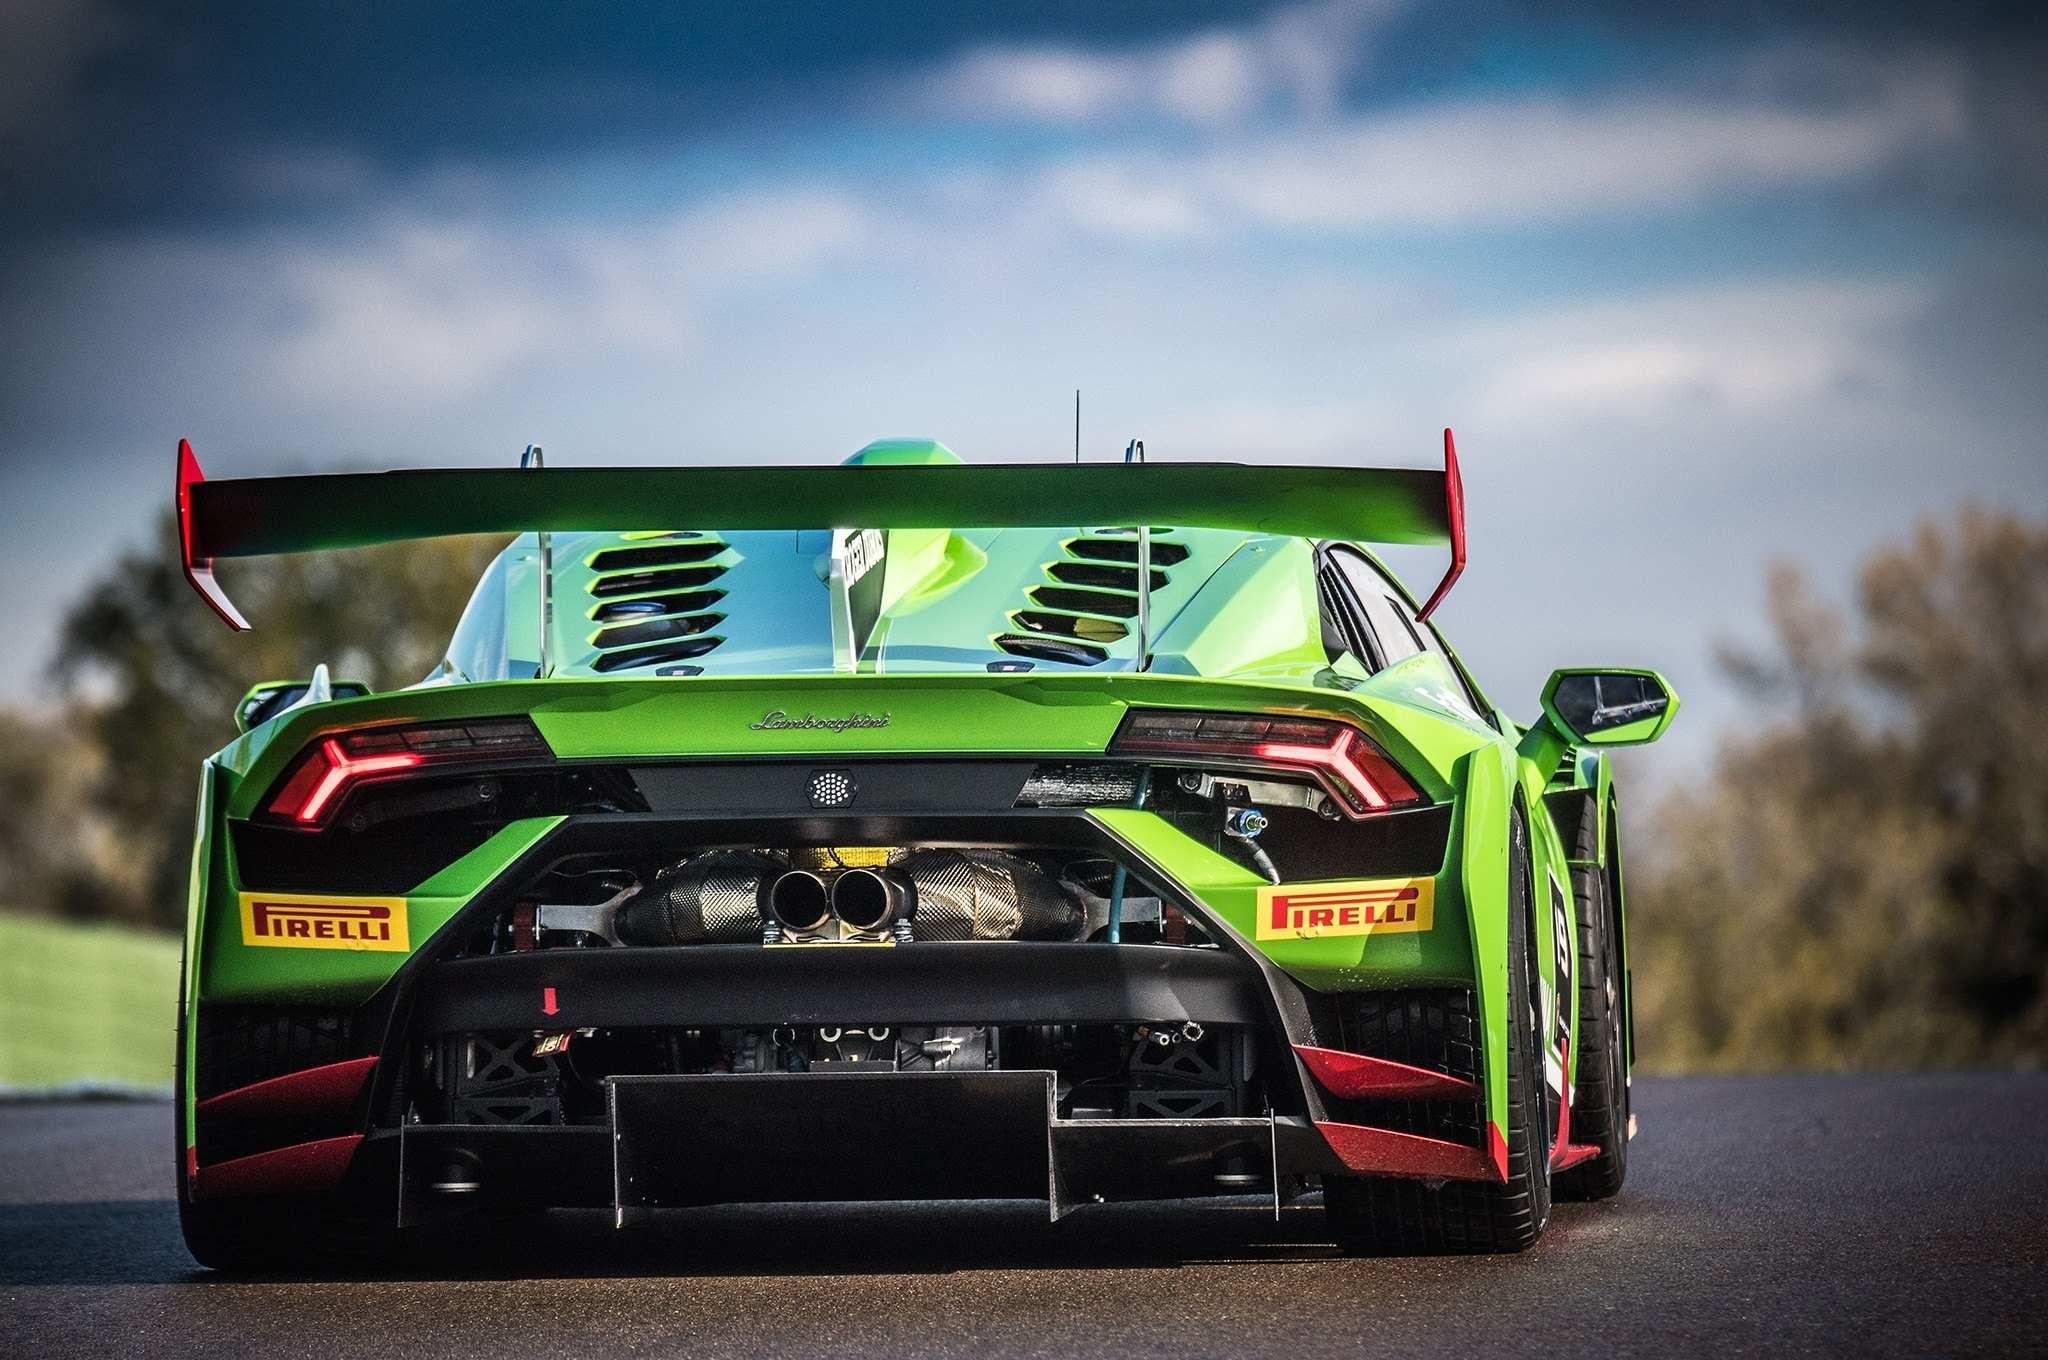 31 Great 2019 Lamborghini Huracan Gt3 Evo Style with 2019 Lamborghini Huracan Gt3 Evo